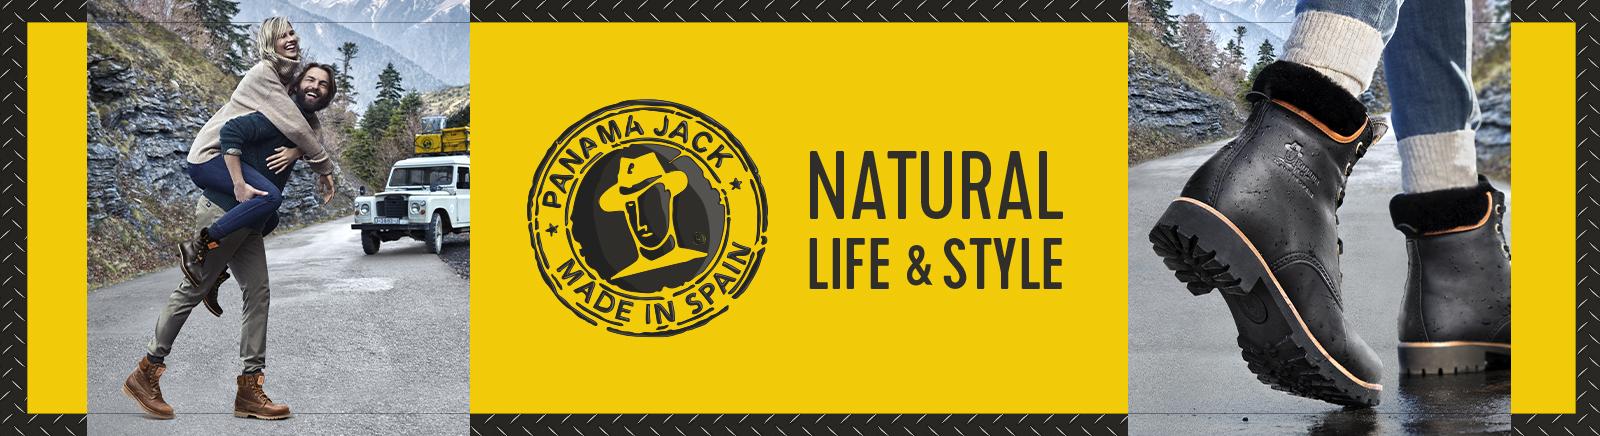 Panama Jack Damenschuhe online entdecken im Juppen Schuhe Shop